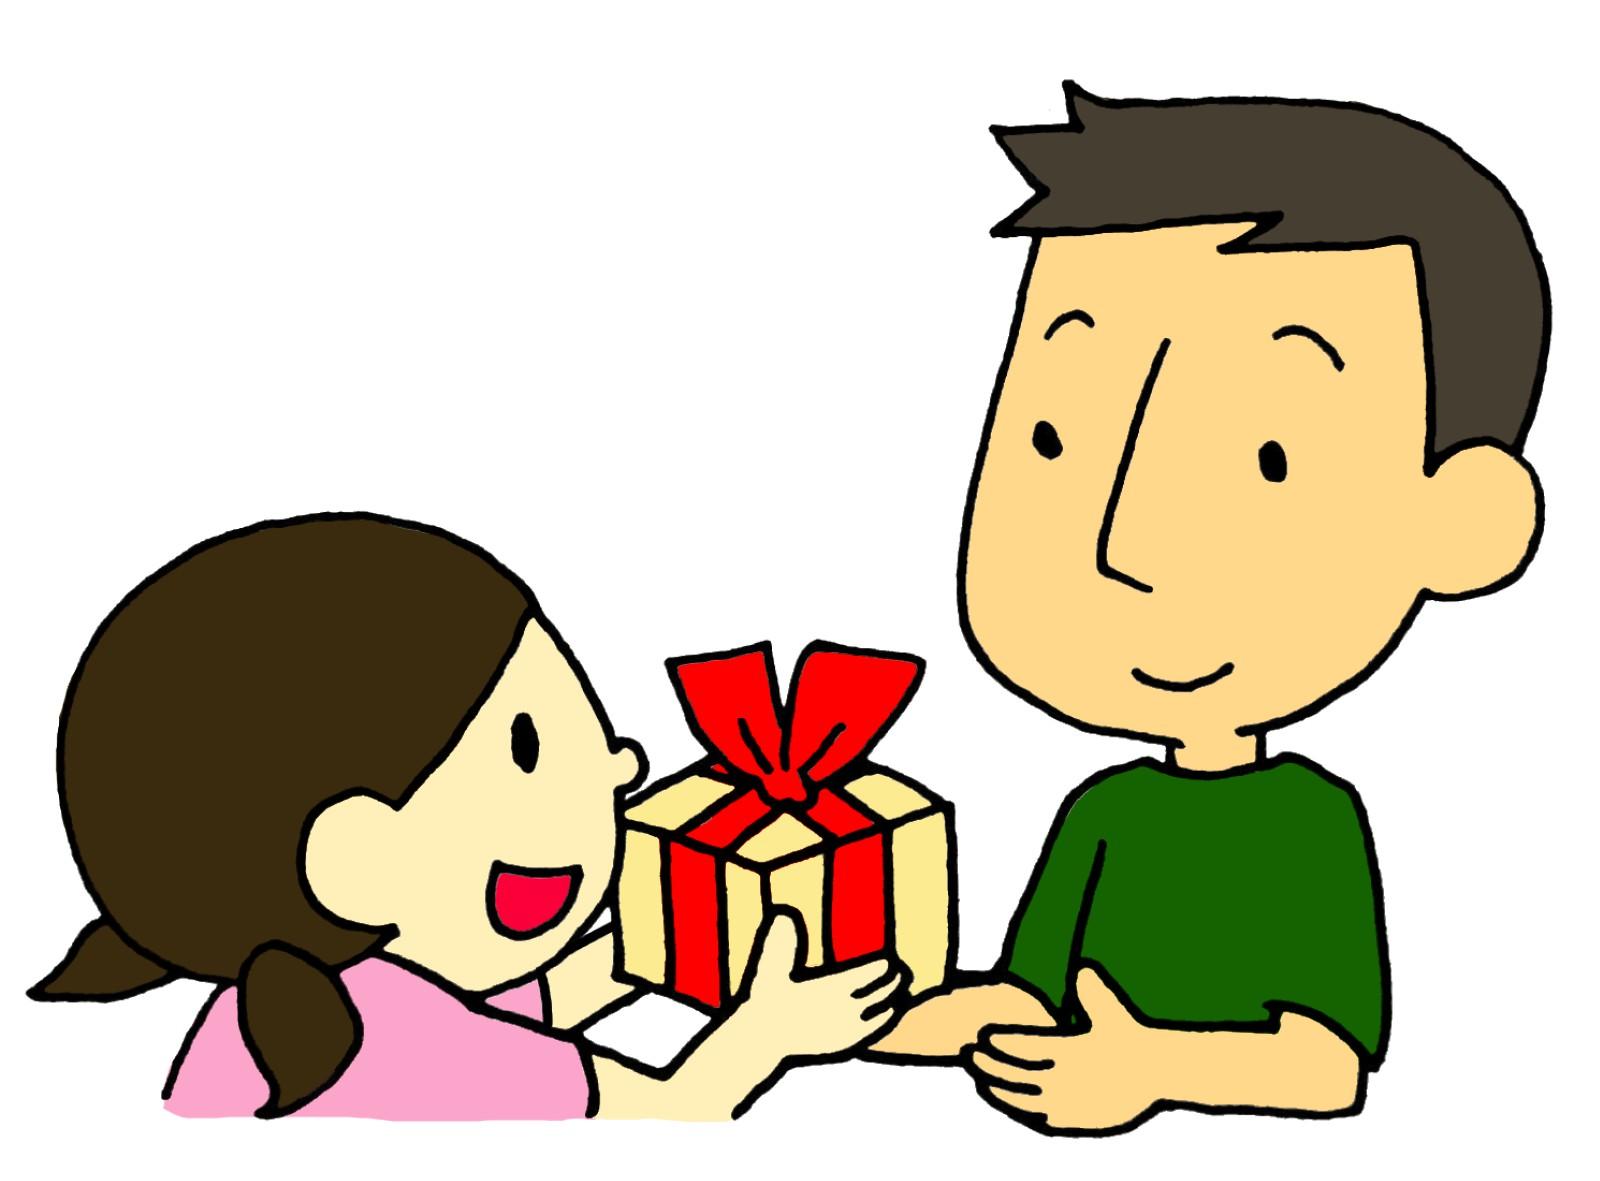 父の日のお金のかからないプレゼントは?貰って嬉しいもの、100均でできるプレゼントは?